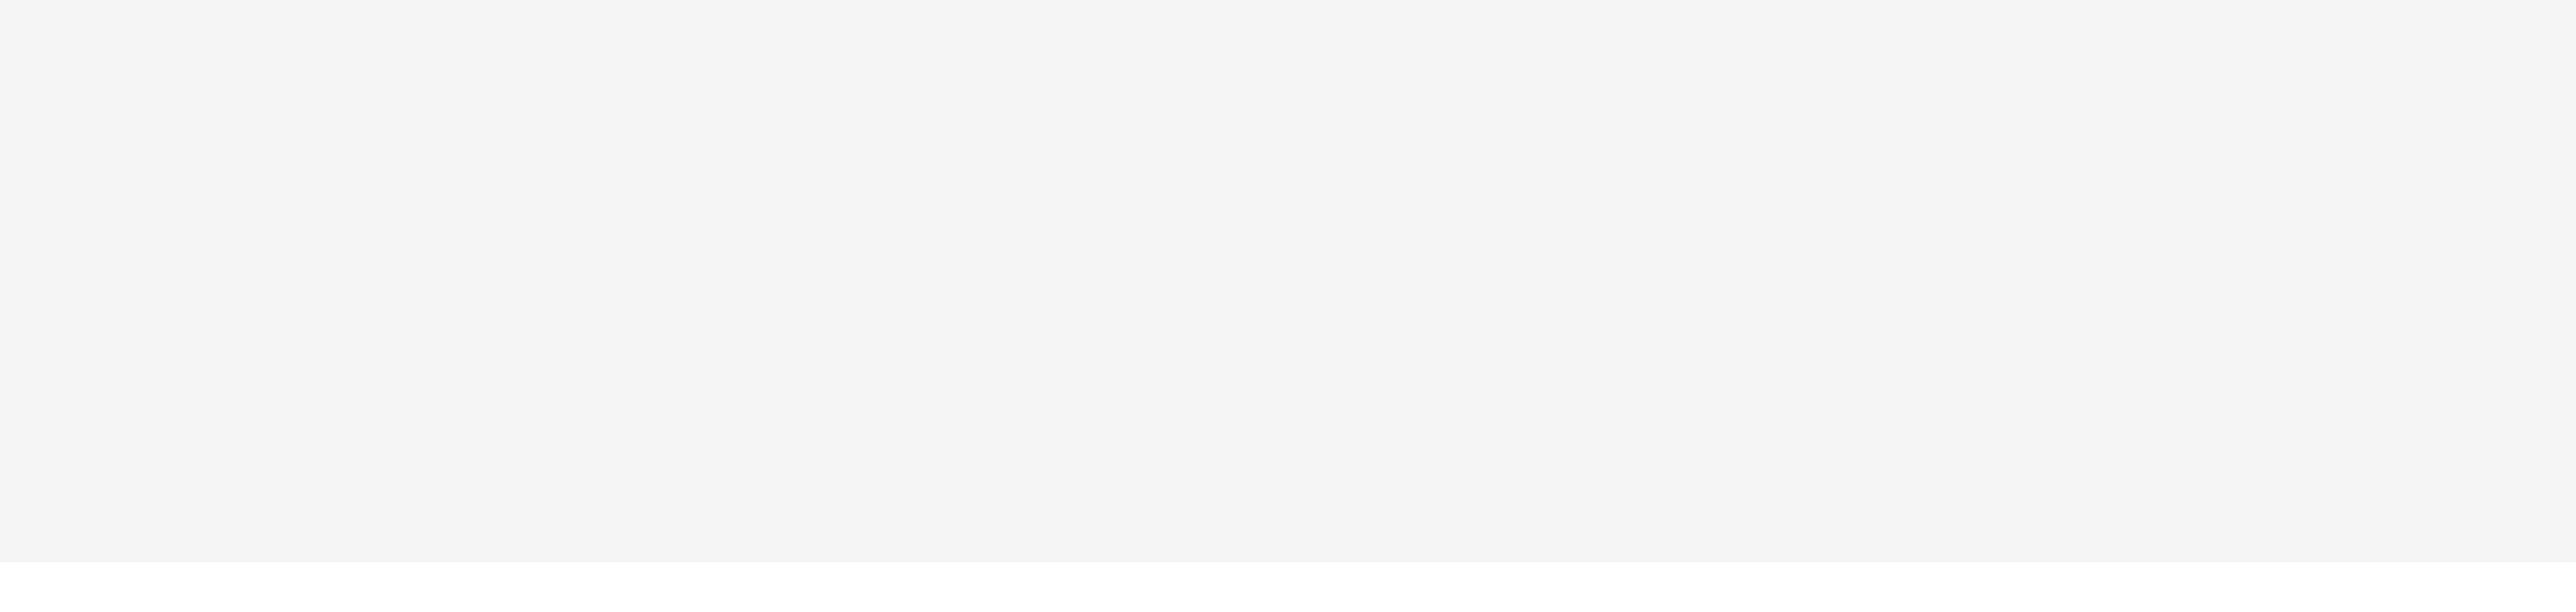 Lace border png. Transparent clip art image